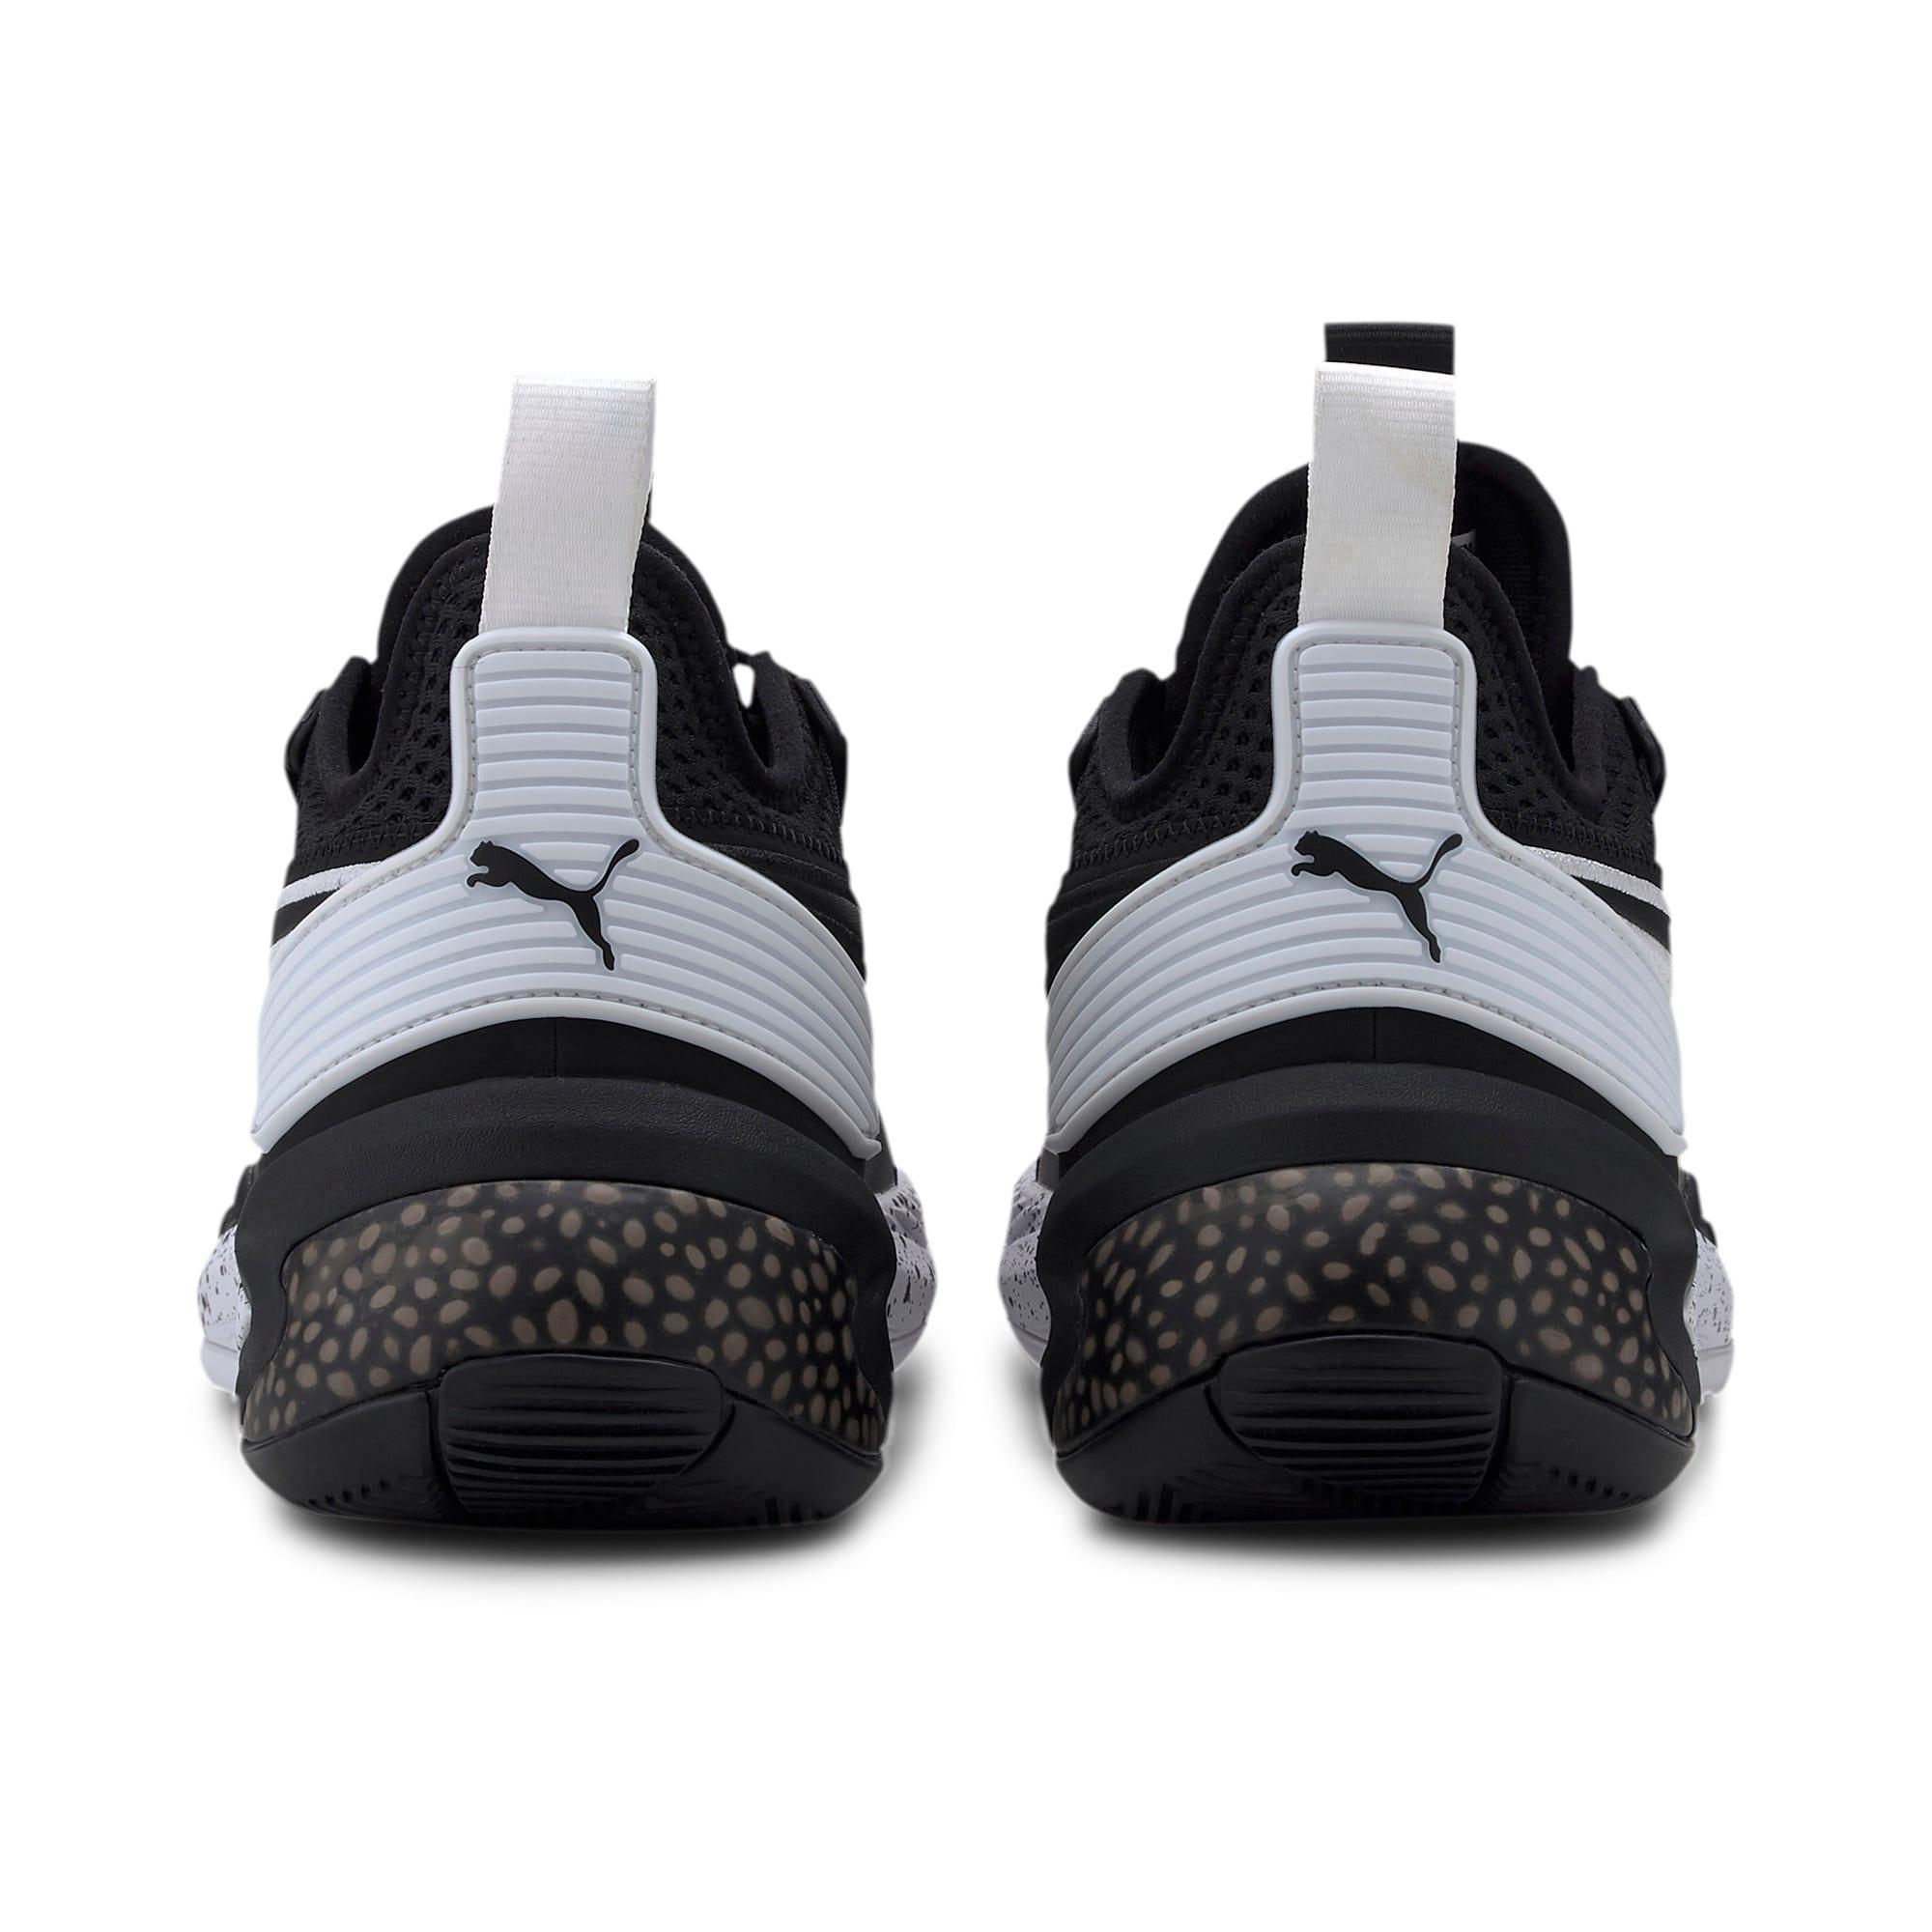 Thumbnail 3 of Chaussure de basket Uproar Core pour homme, Puma Black, medium